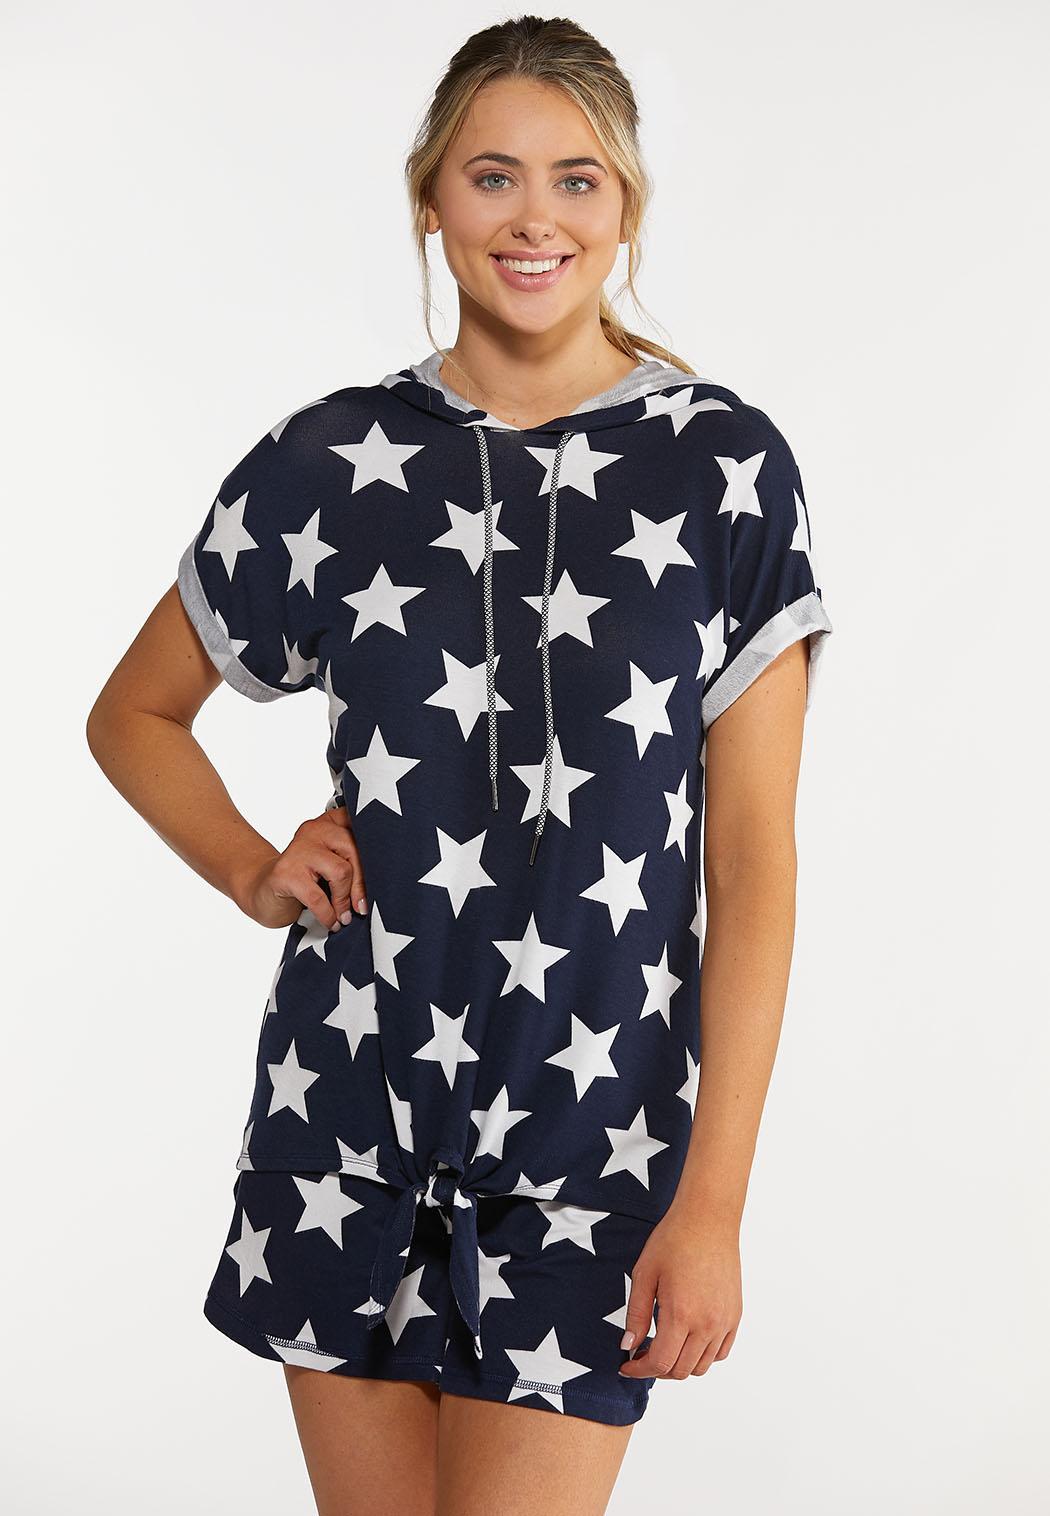 American Star Hooded Top